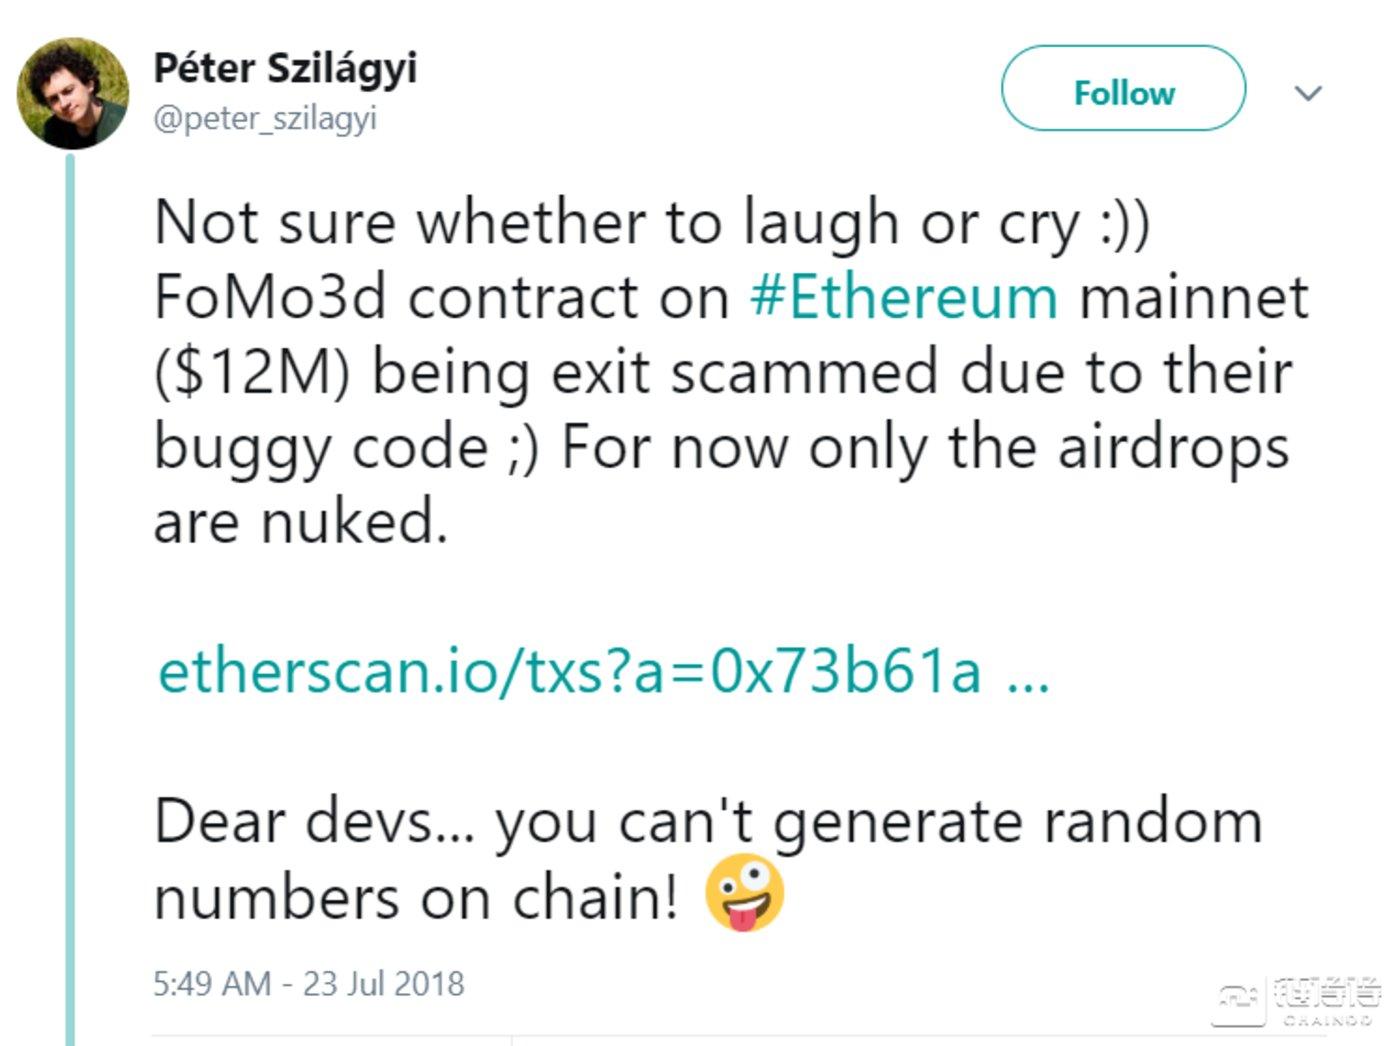 来源:peter szilagyi的twitter